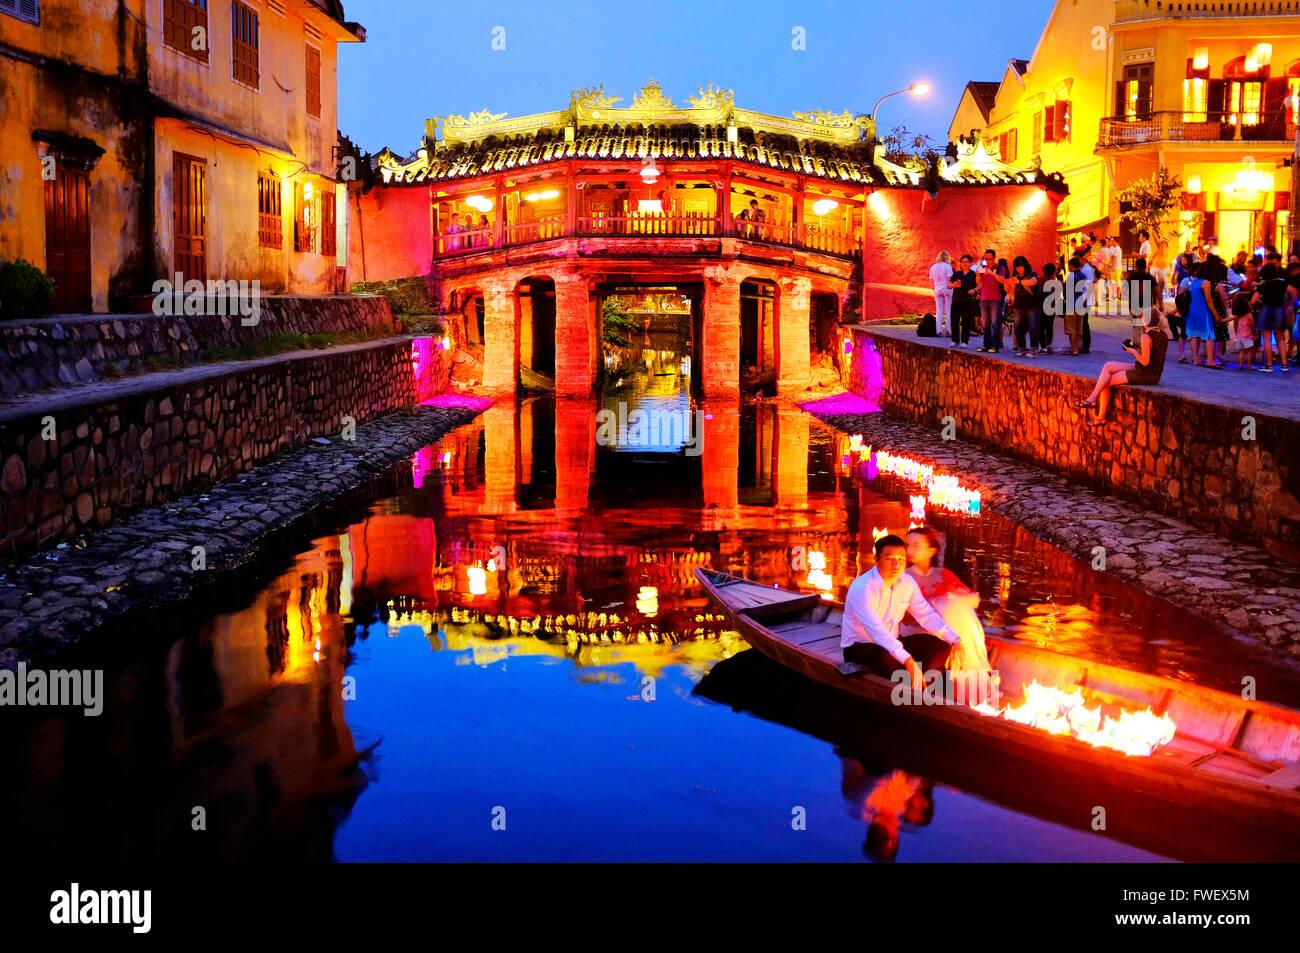 Le pont couvert japonais, Hoi An, Vietnam Photo Stock